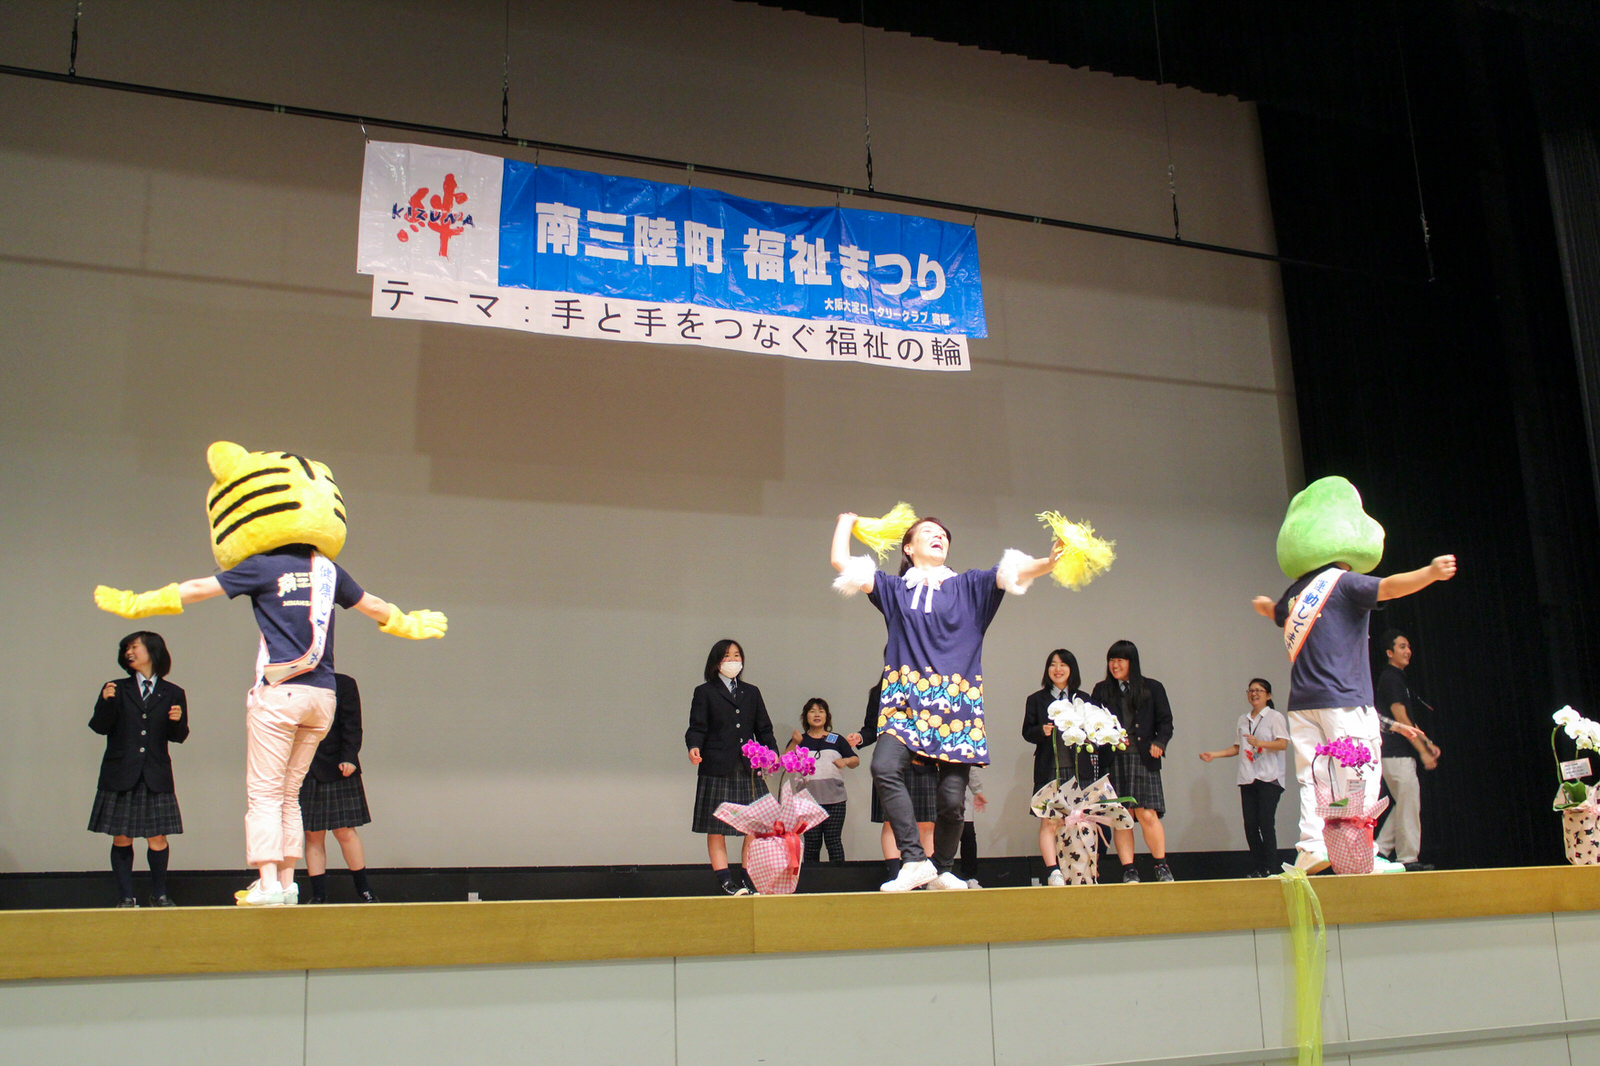 おすばでサンバ!山内淳子さんがセンターで指導します!この日一番の一体感!